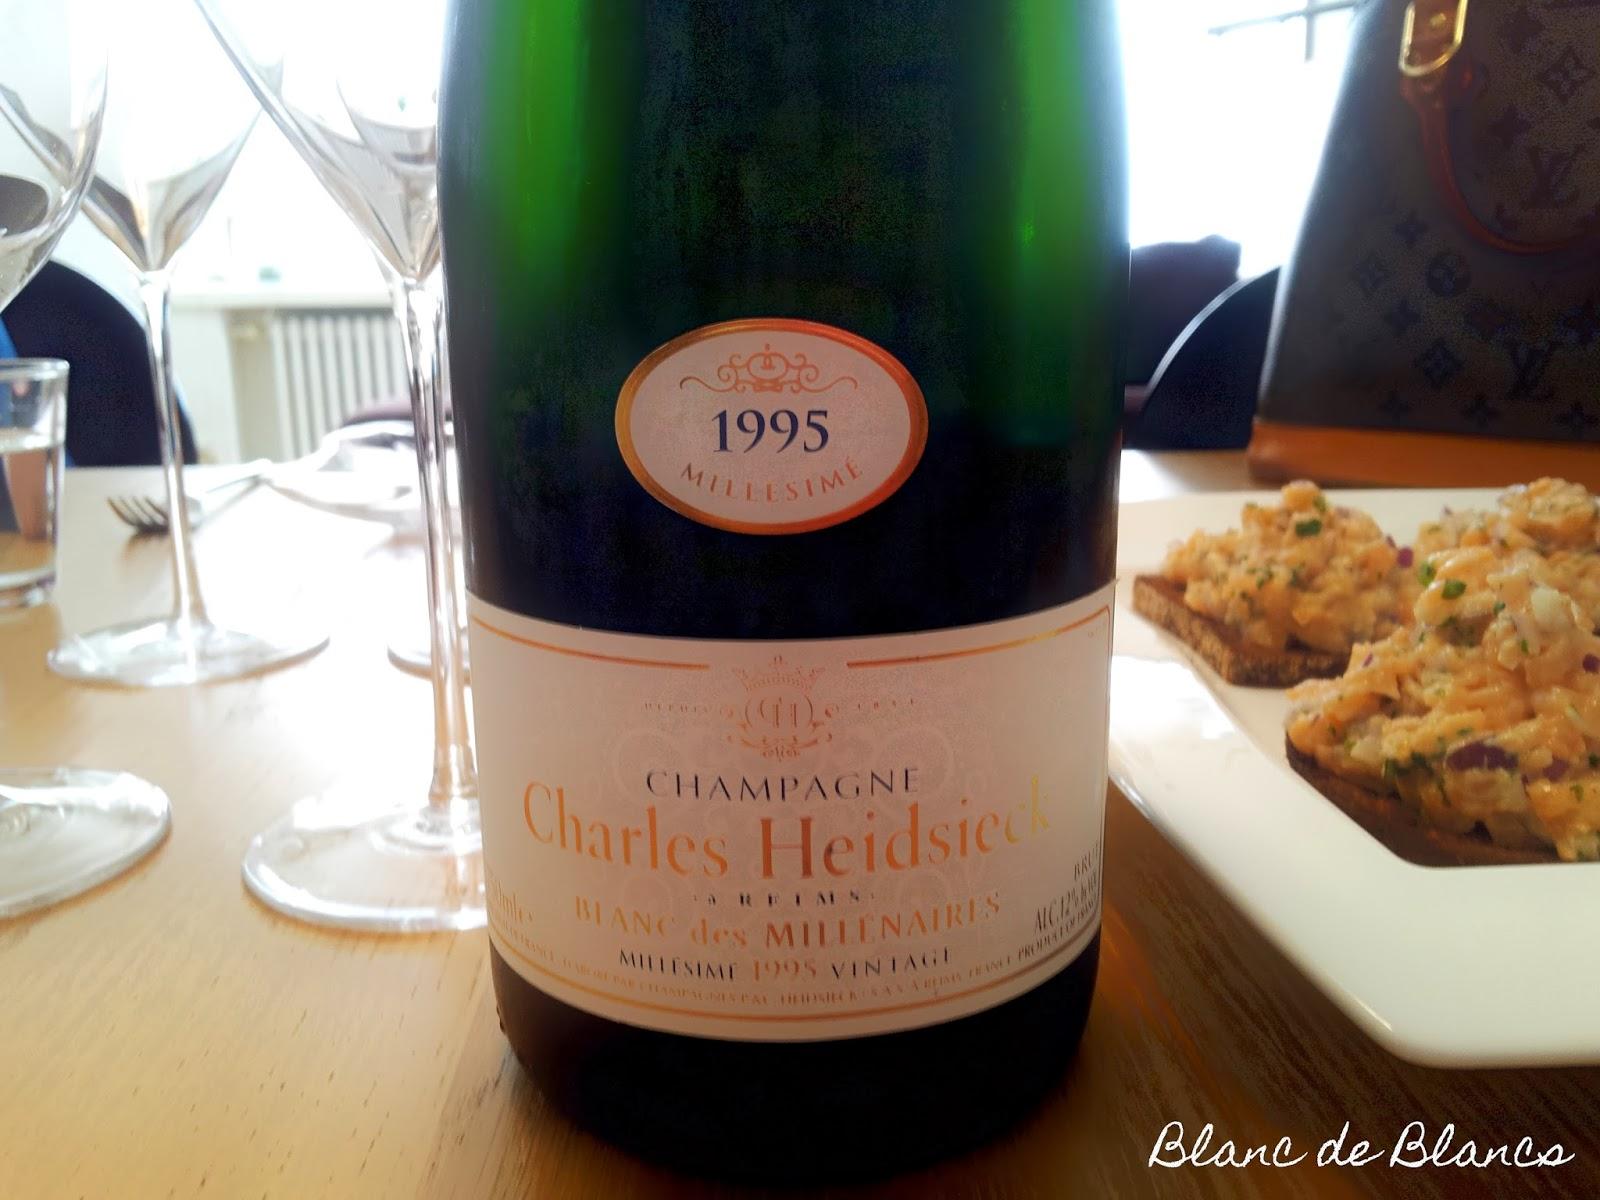 Charles Heidsieck Blanc de Millenaires 1995 samppanja